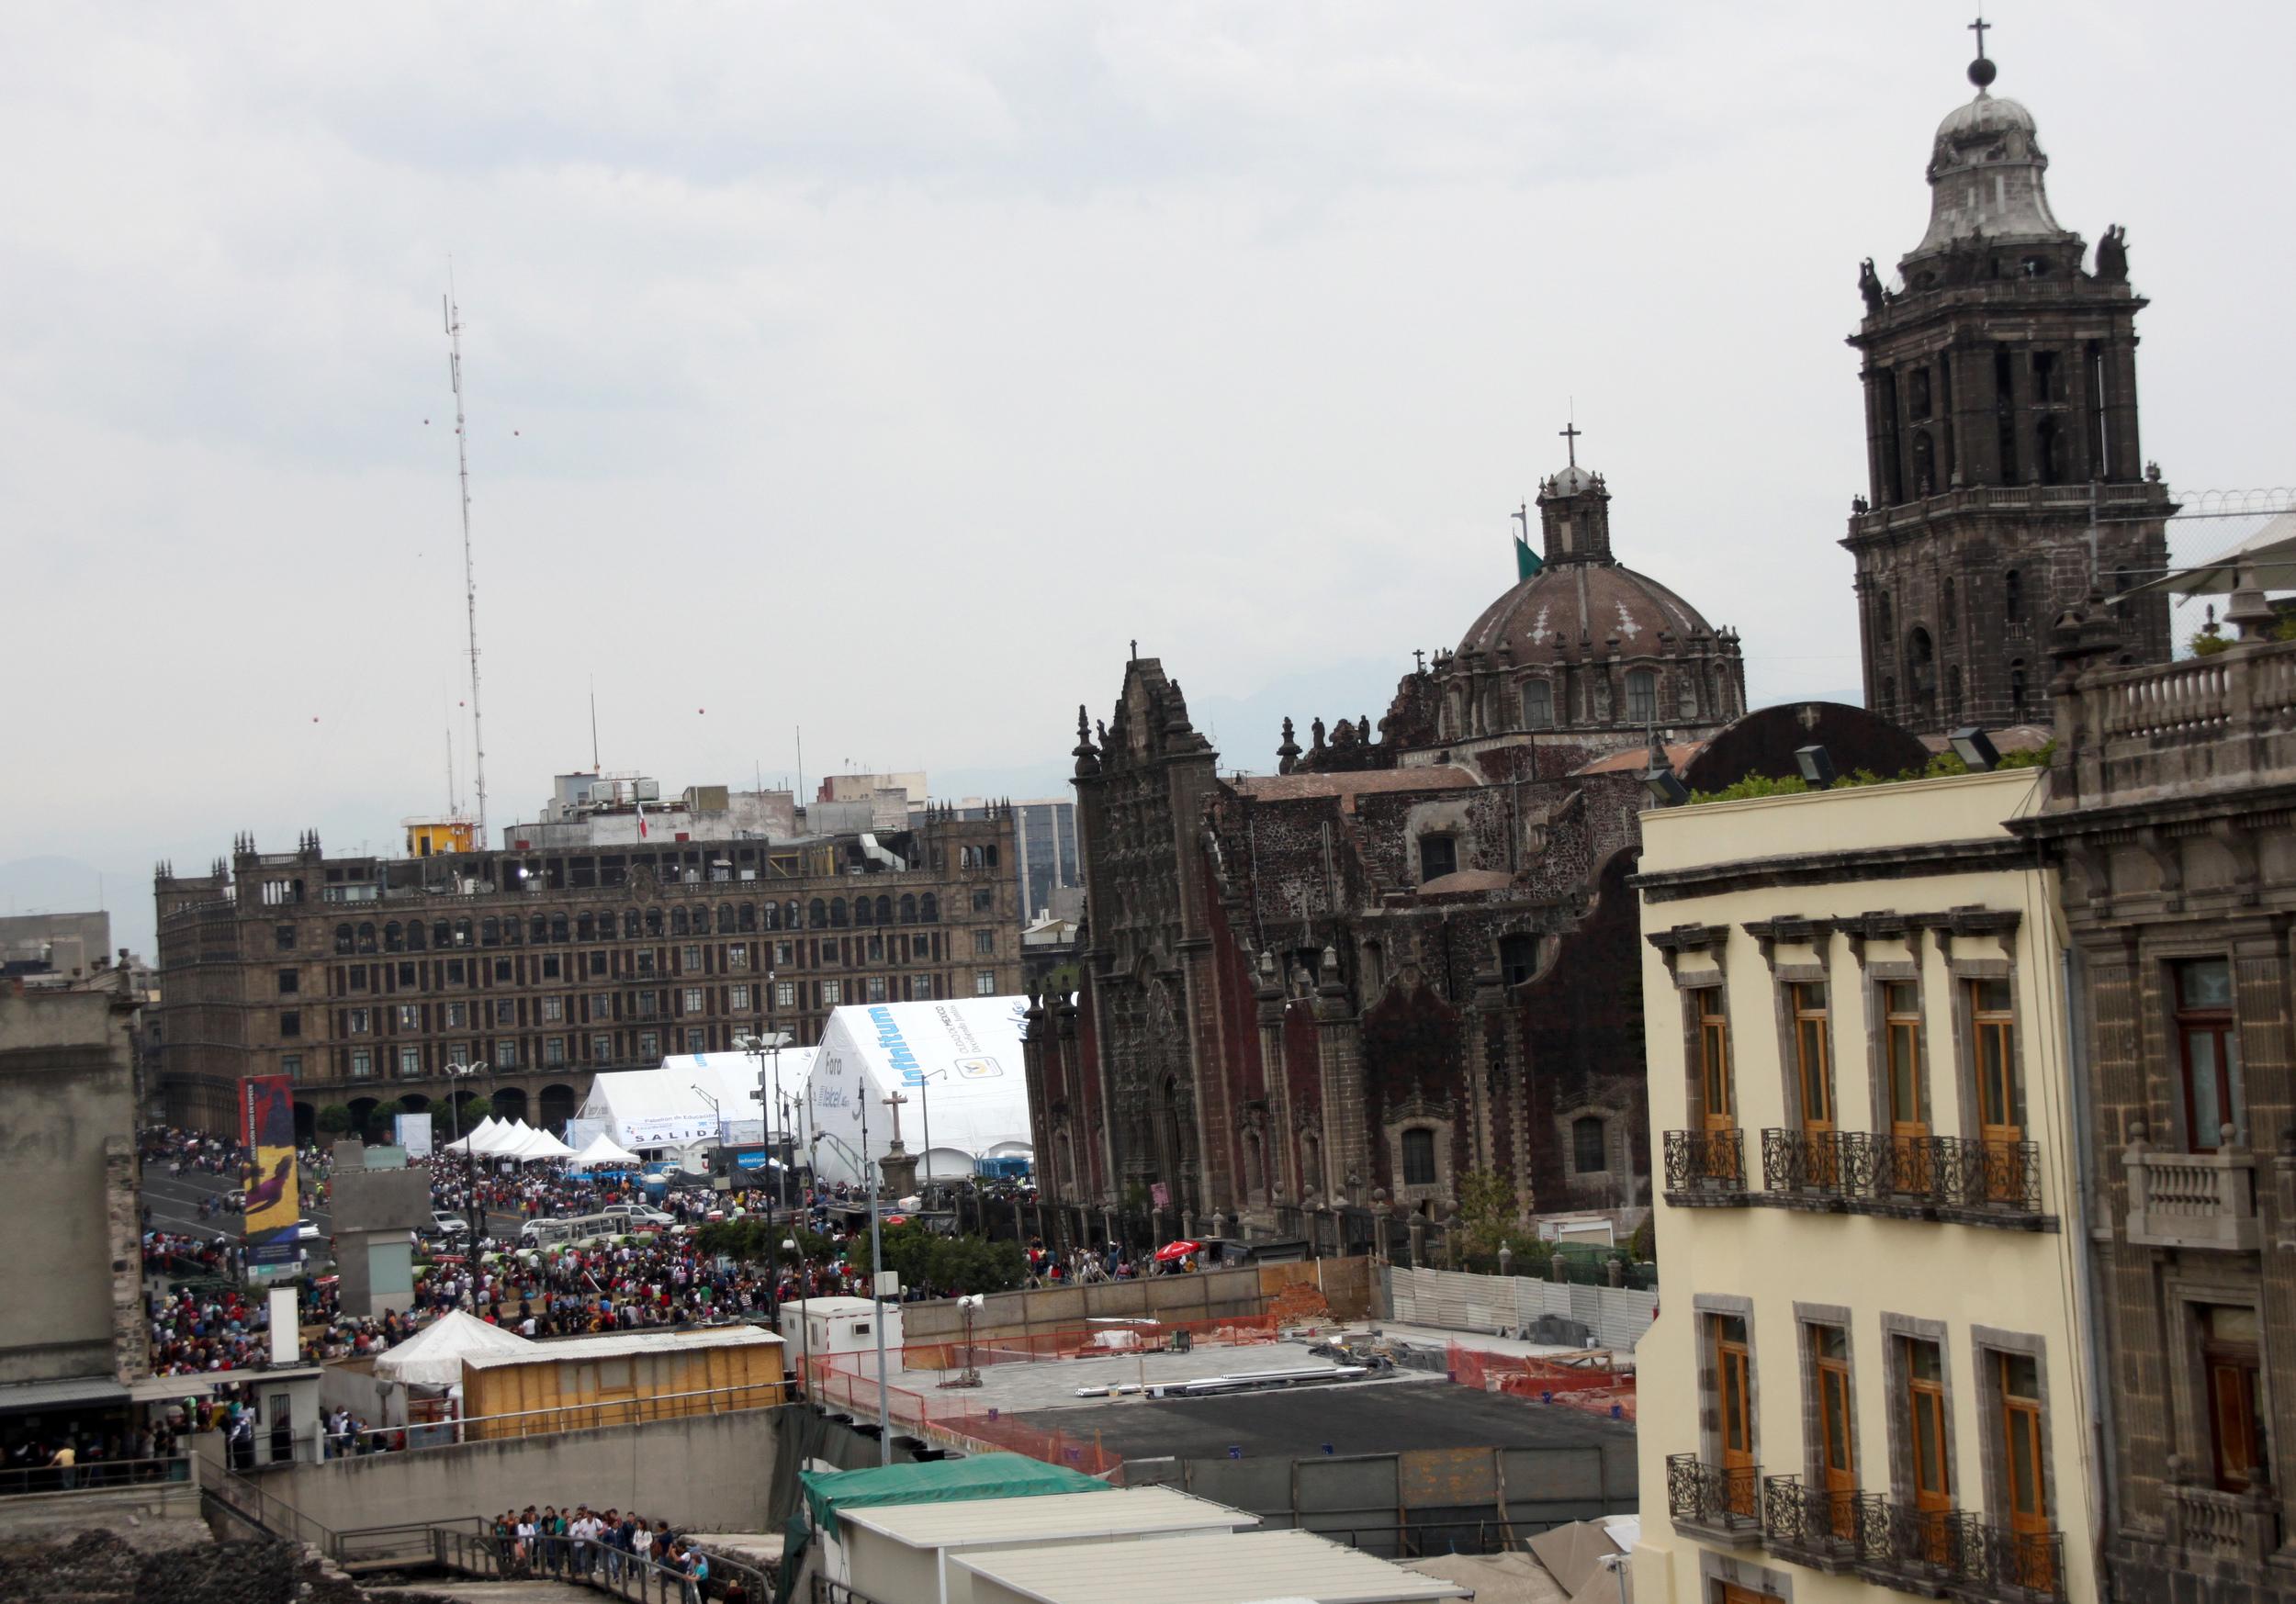 O centro histórico usado em pleno domingo, com feiras e eventos